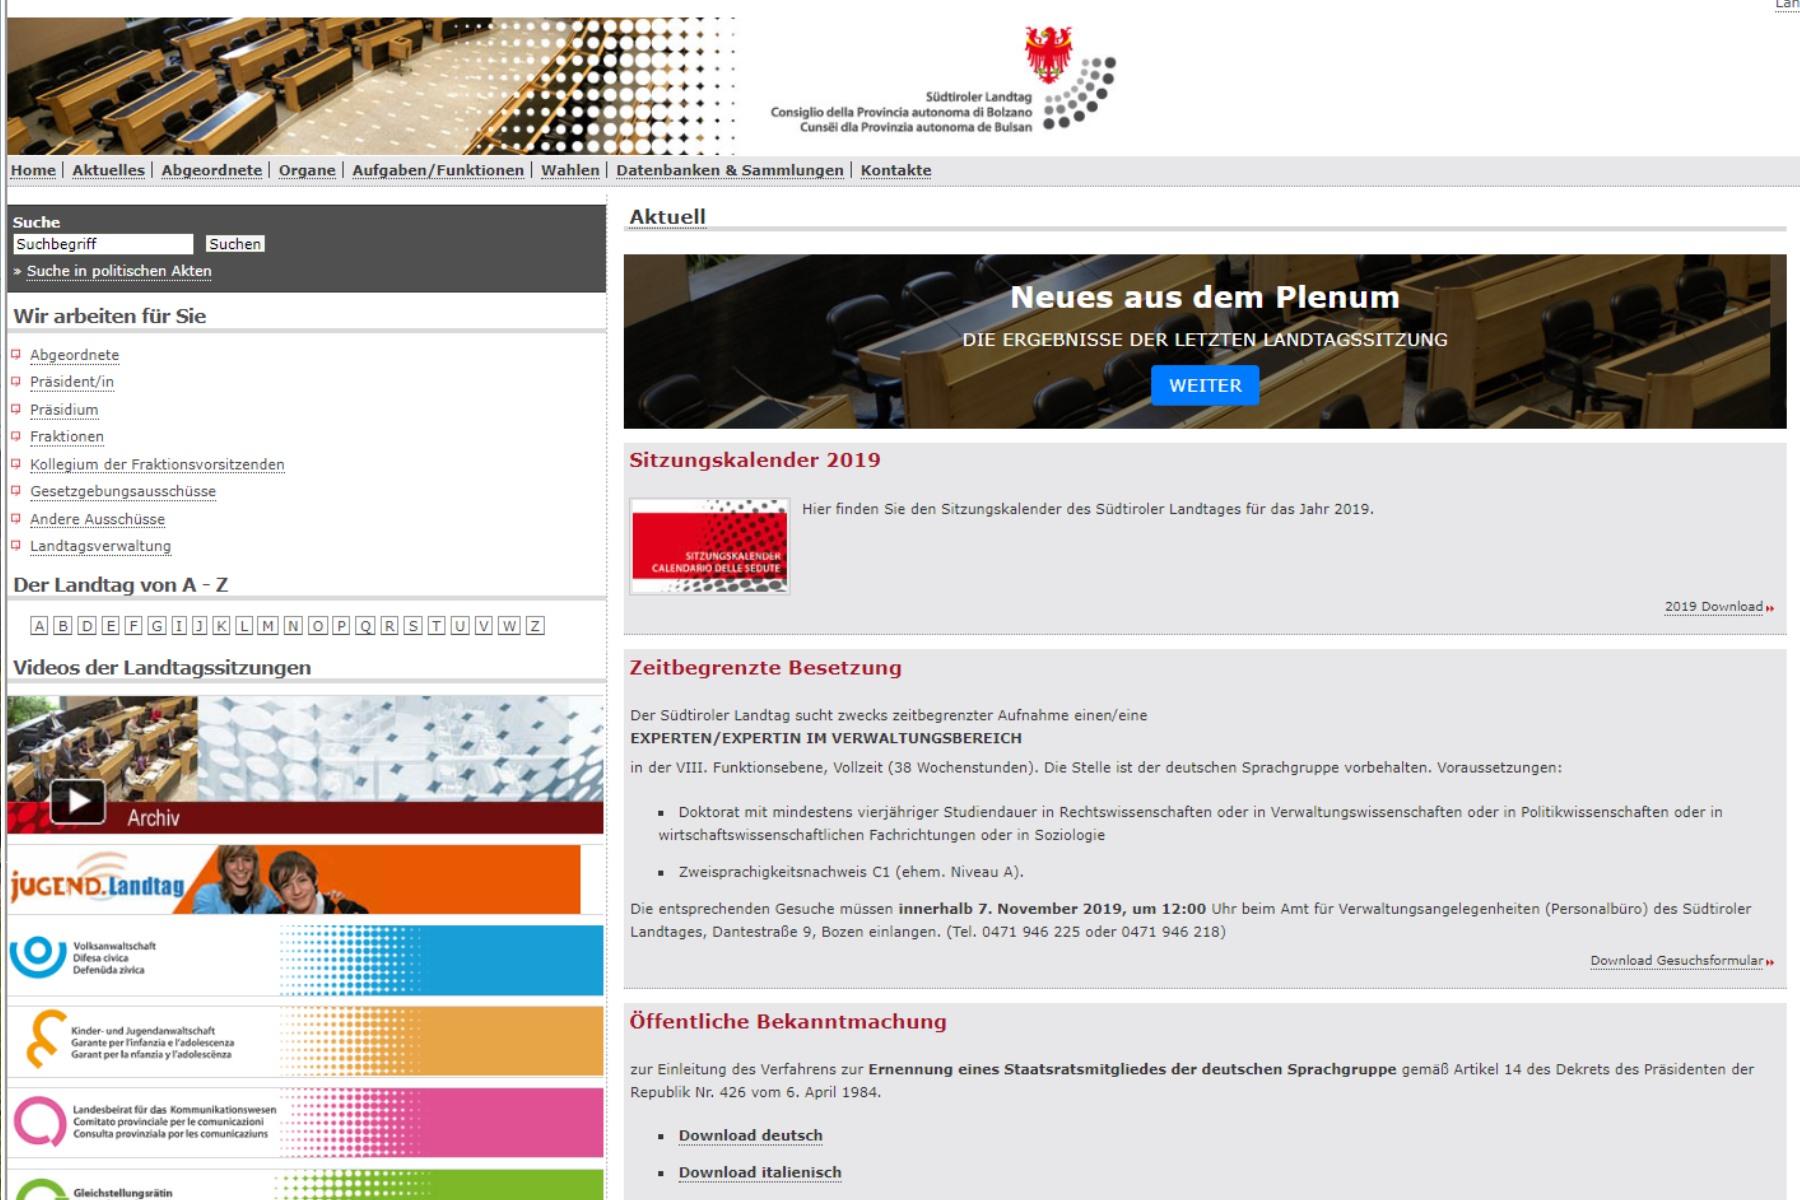 Beschlussantrag | Internetauftritt des Landtages bürgernäher und transparenter gestalten